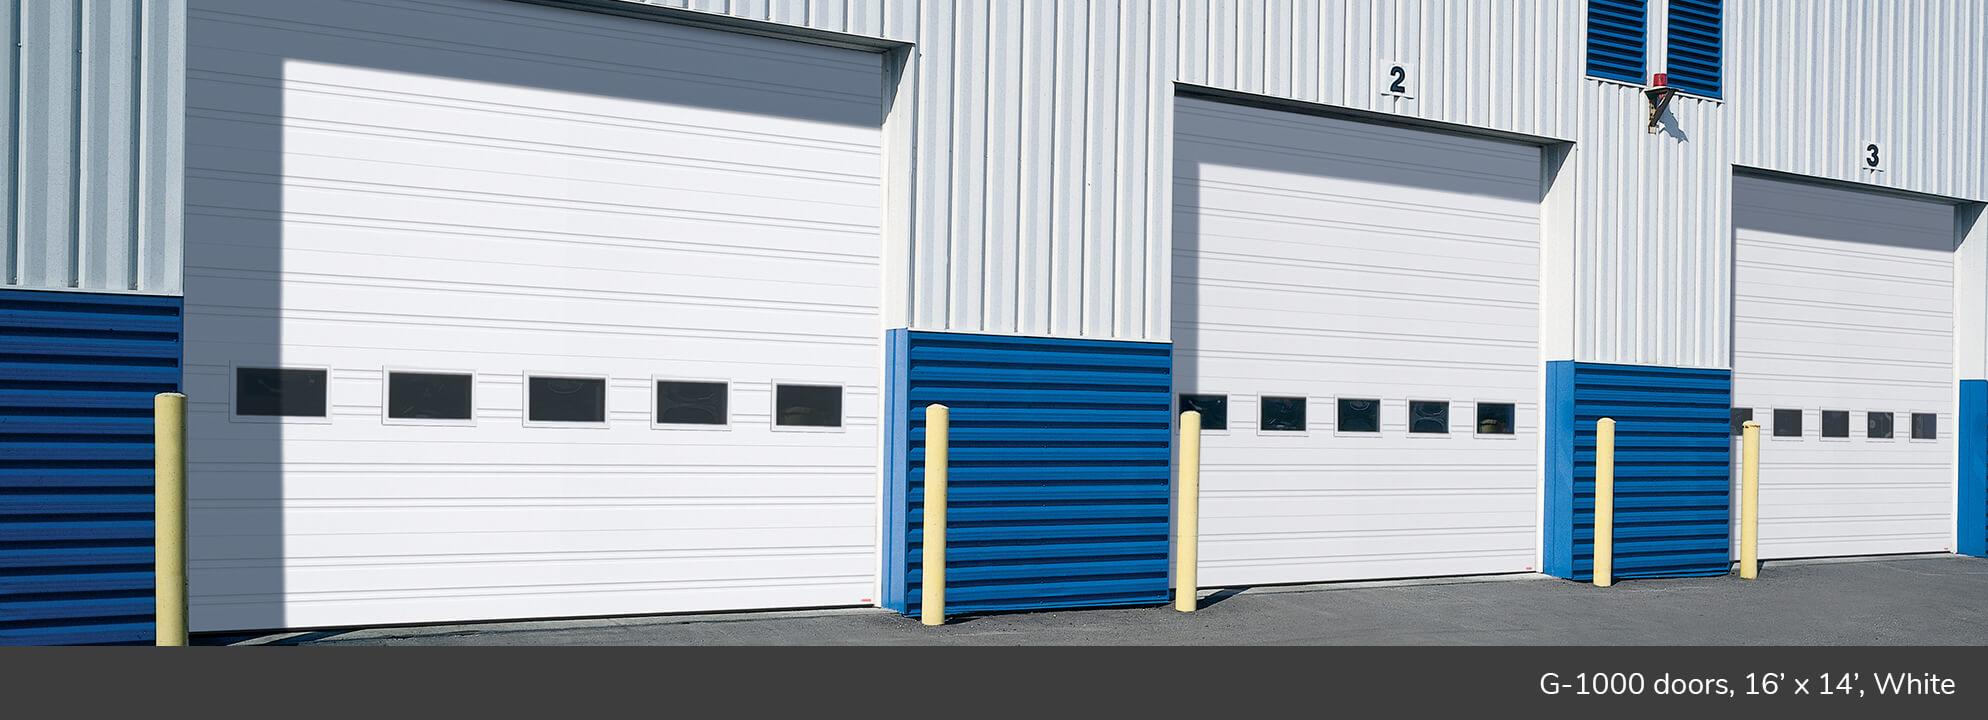 G 1000 Commercial Garage Door Manufacturer Garaga